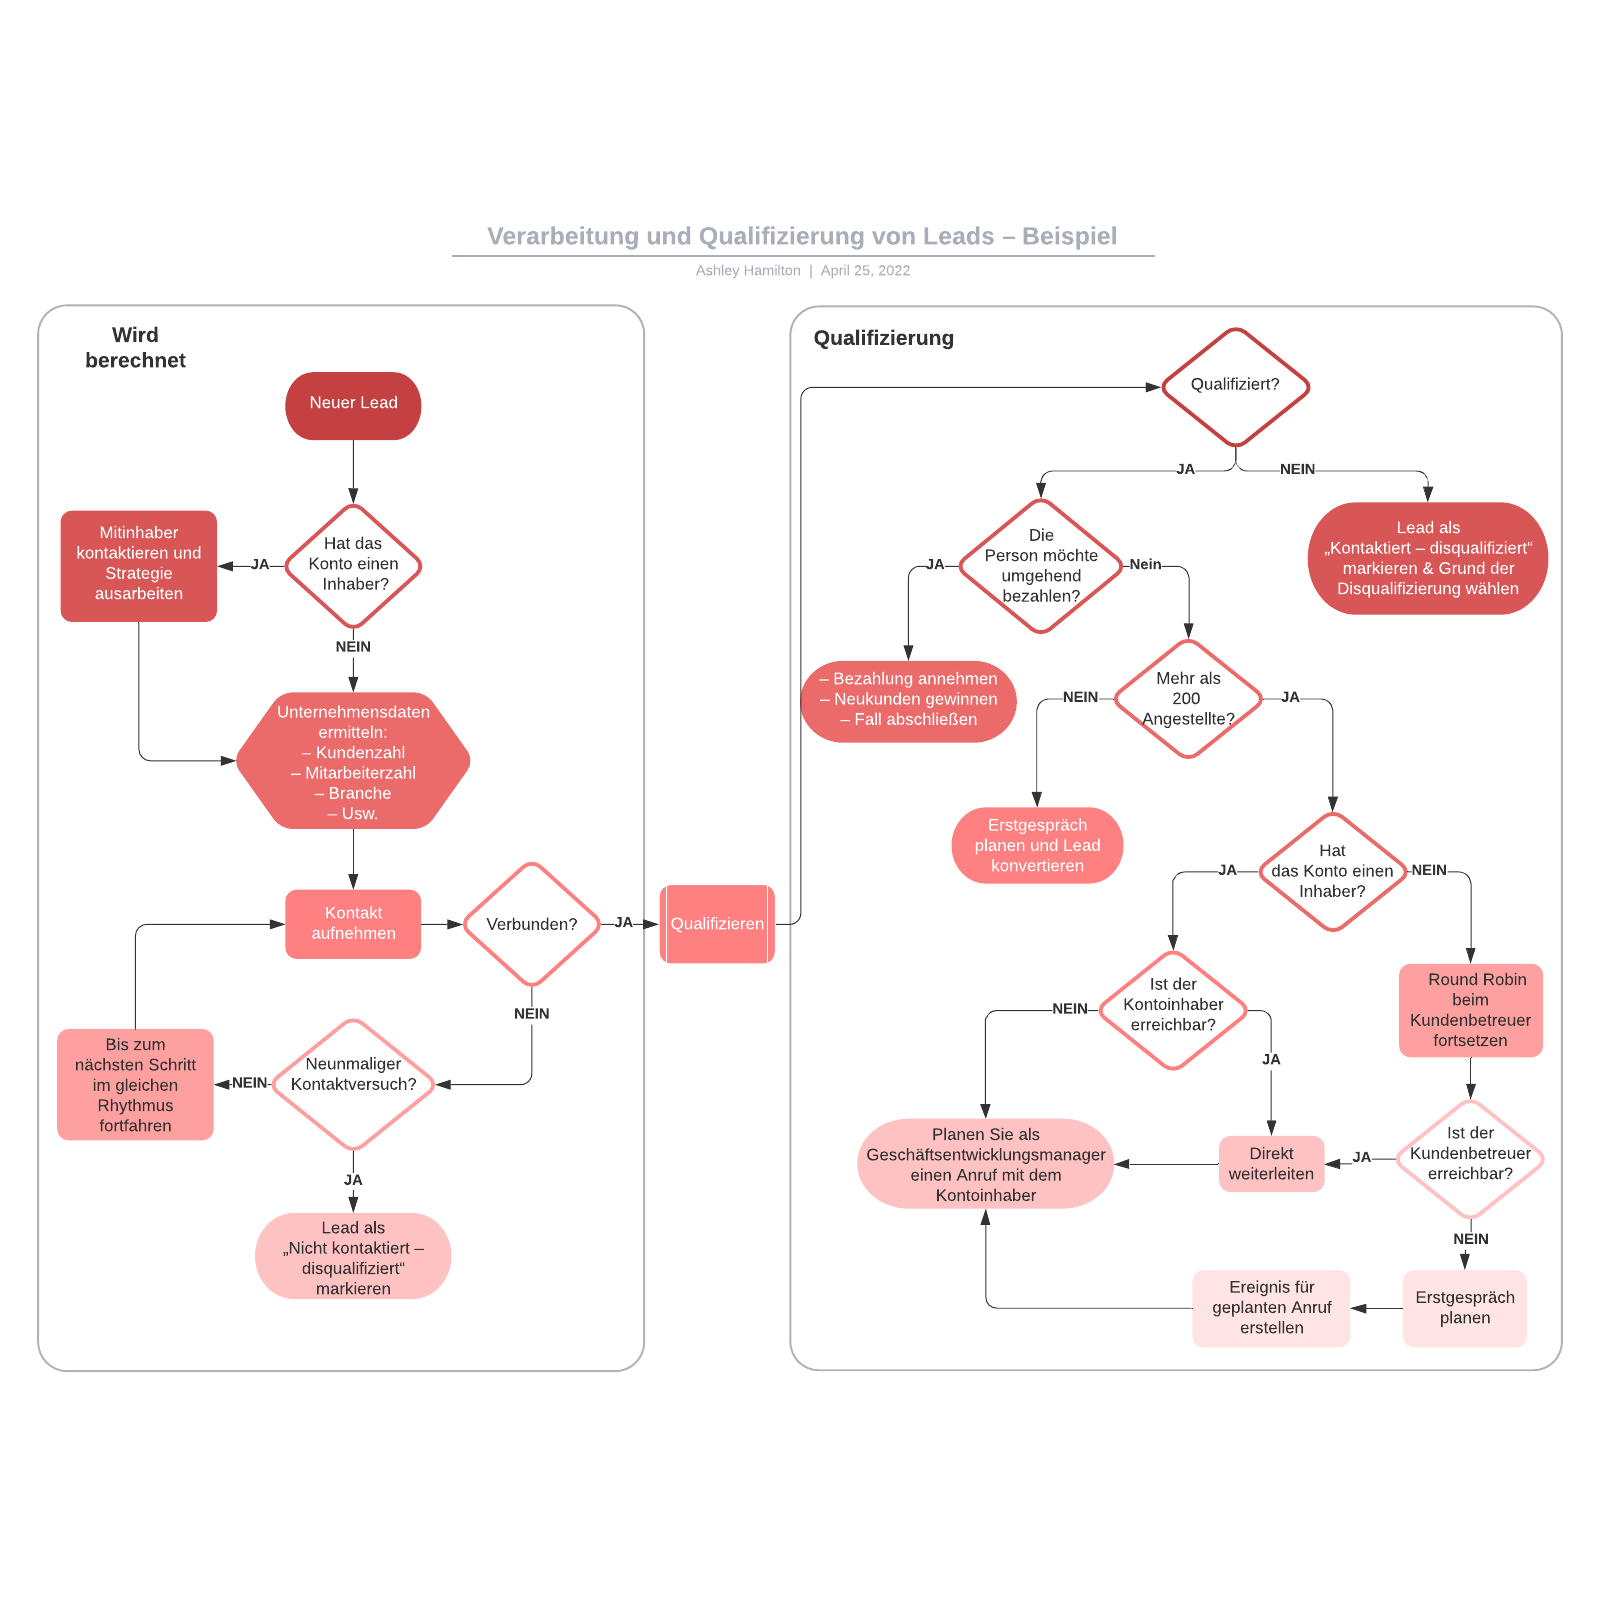 Verarbeitung und Qualifizierung von Leads – Beispiel